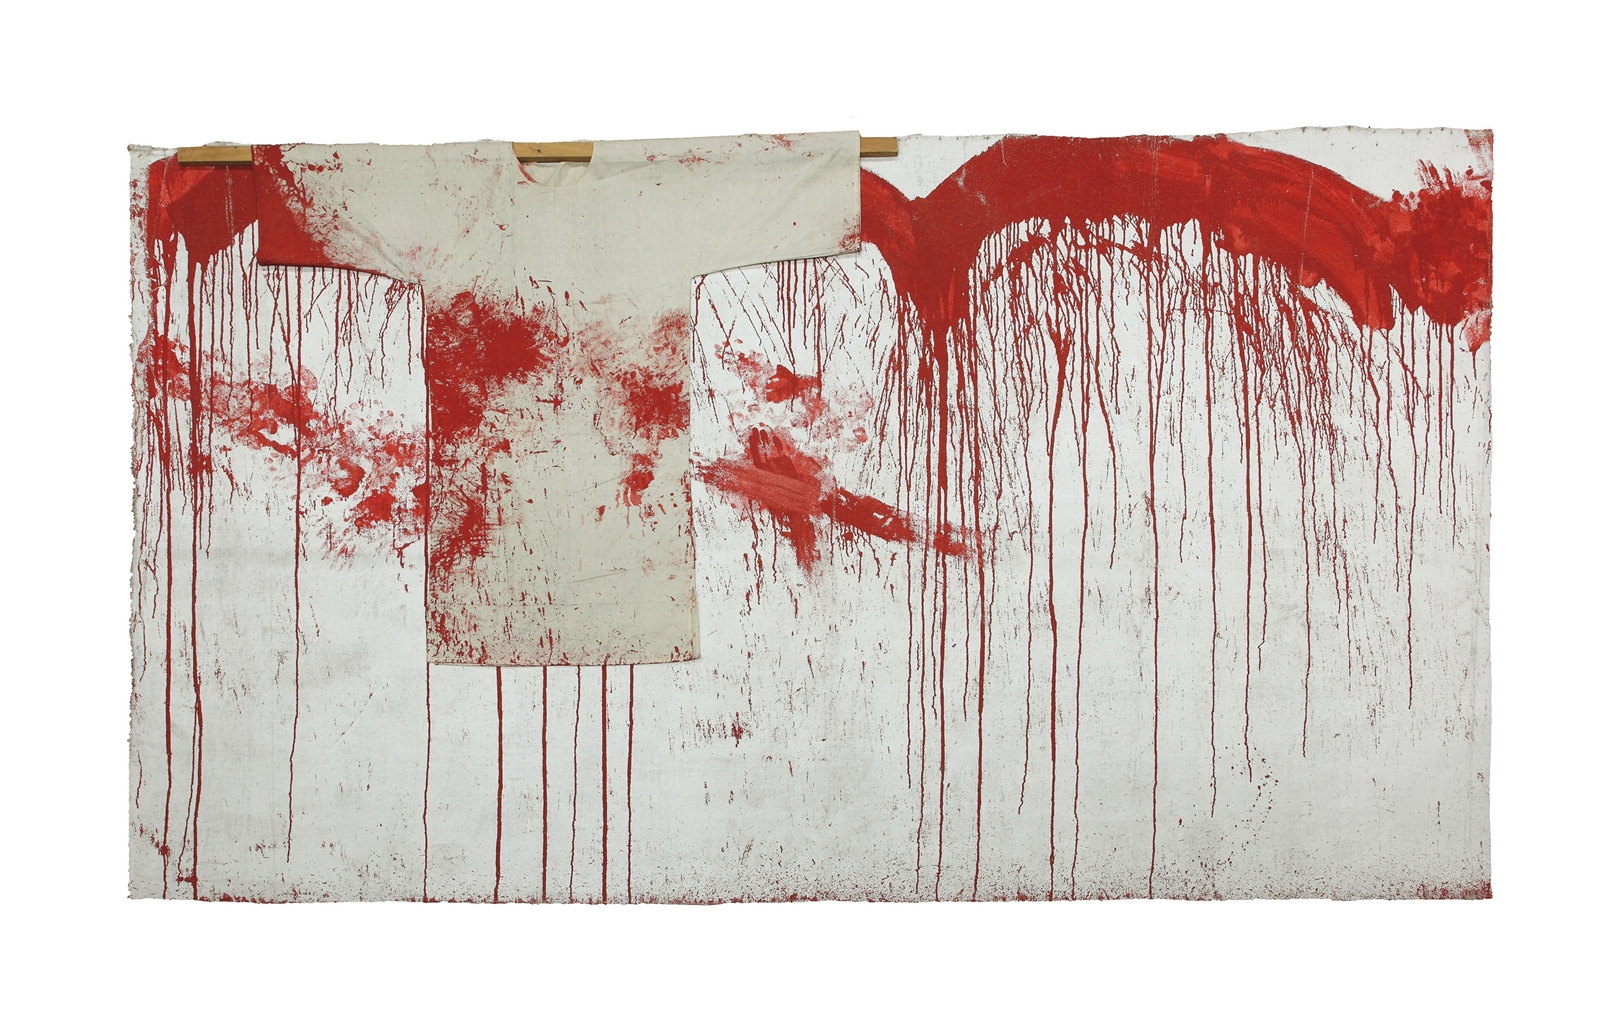 Hermann Nitsch-Untitled-1984